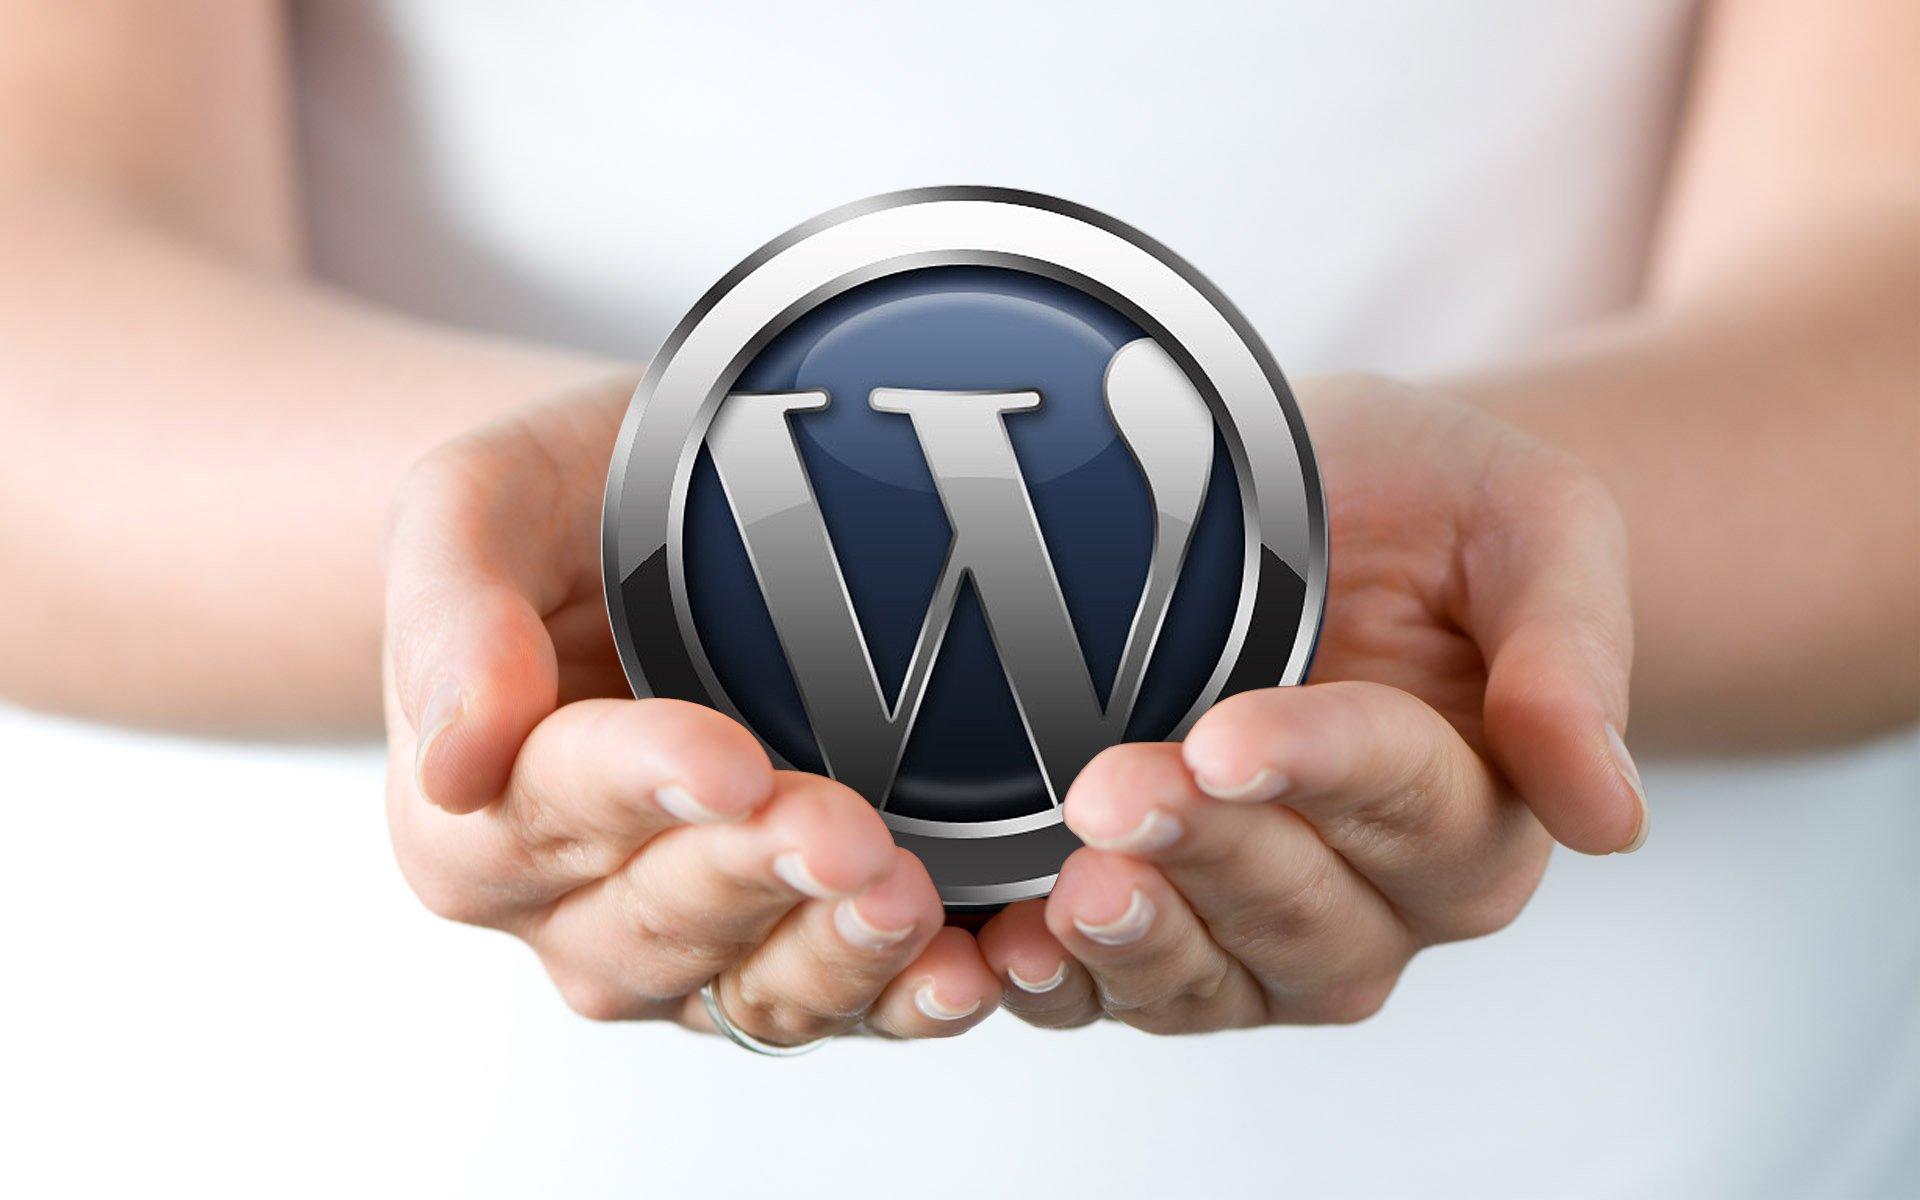 98i54802cc226c74 Стоит ли создавать сайт на wordpress? Плюсы и минусы хостинга wordpress